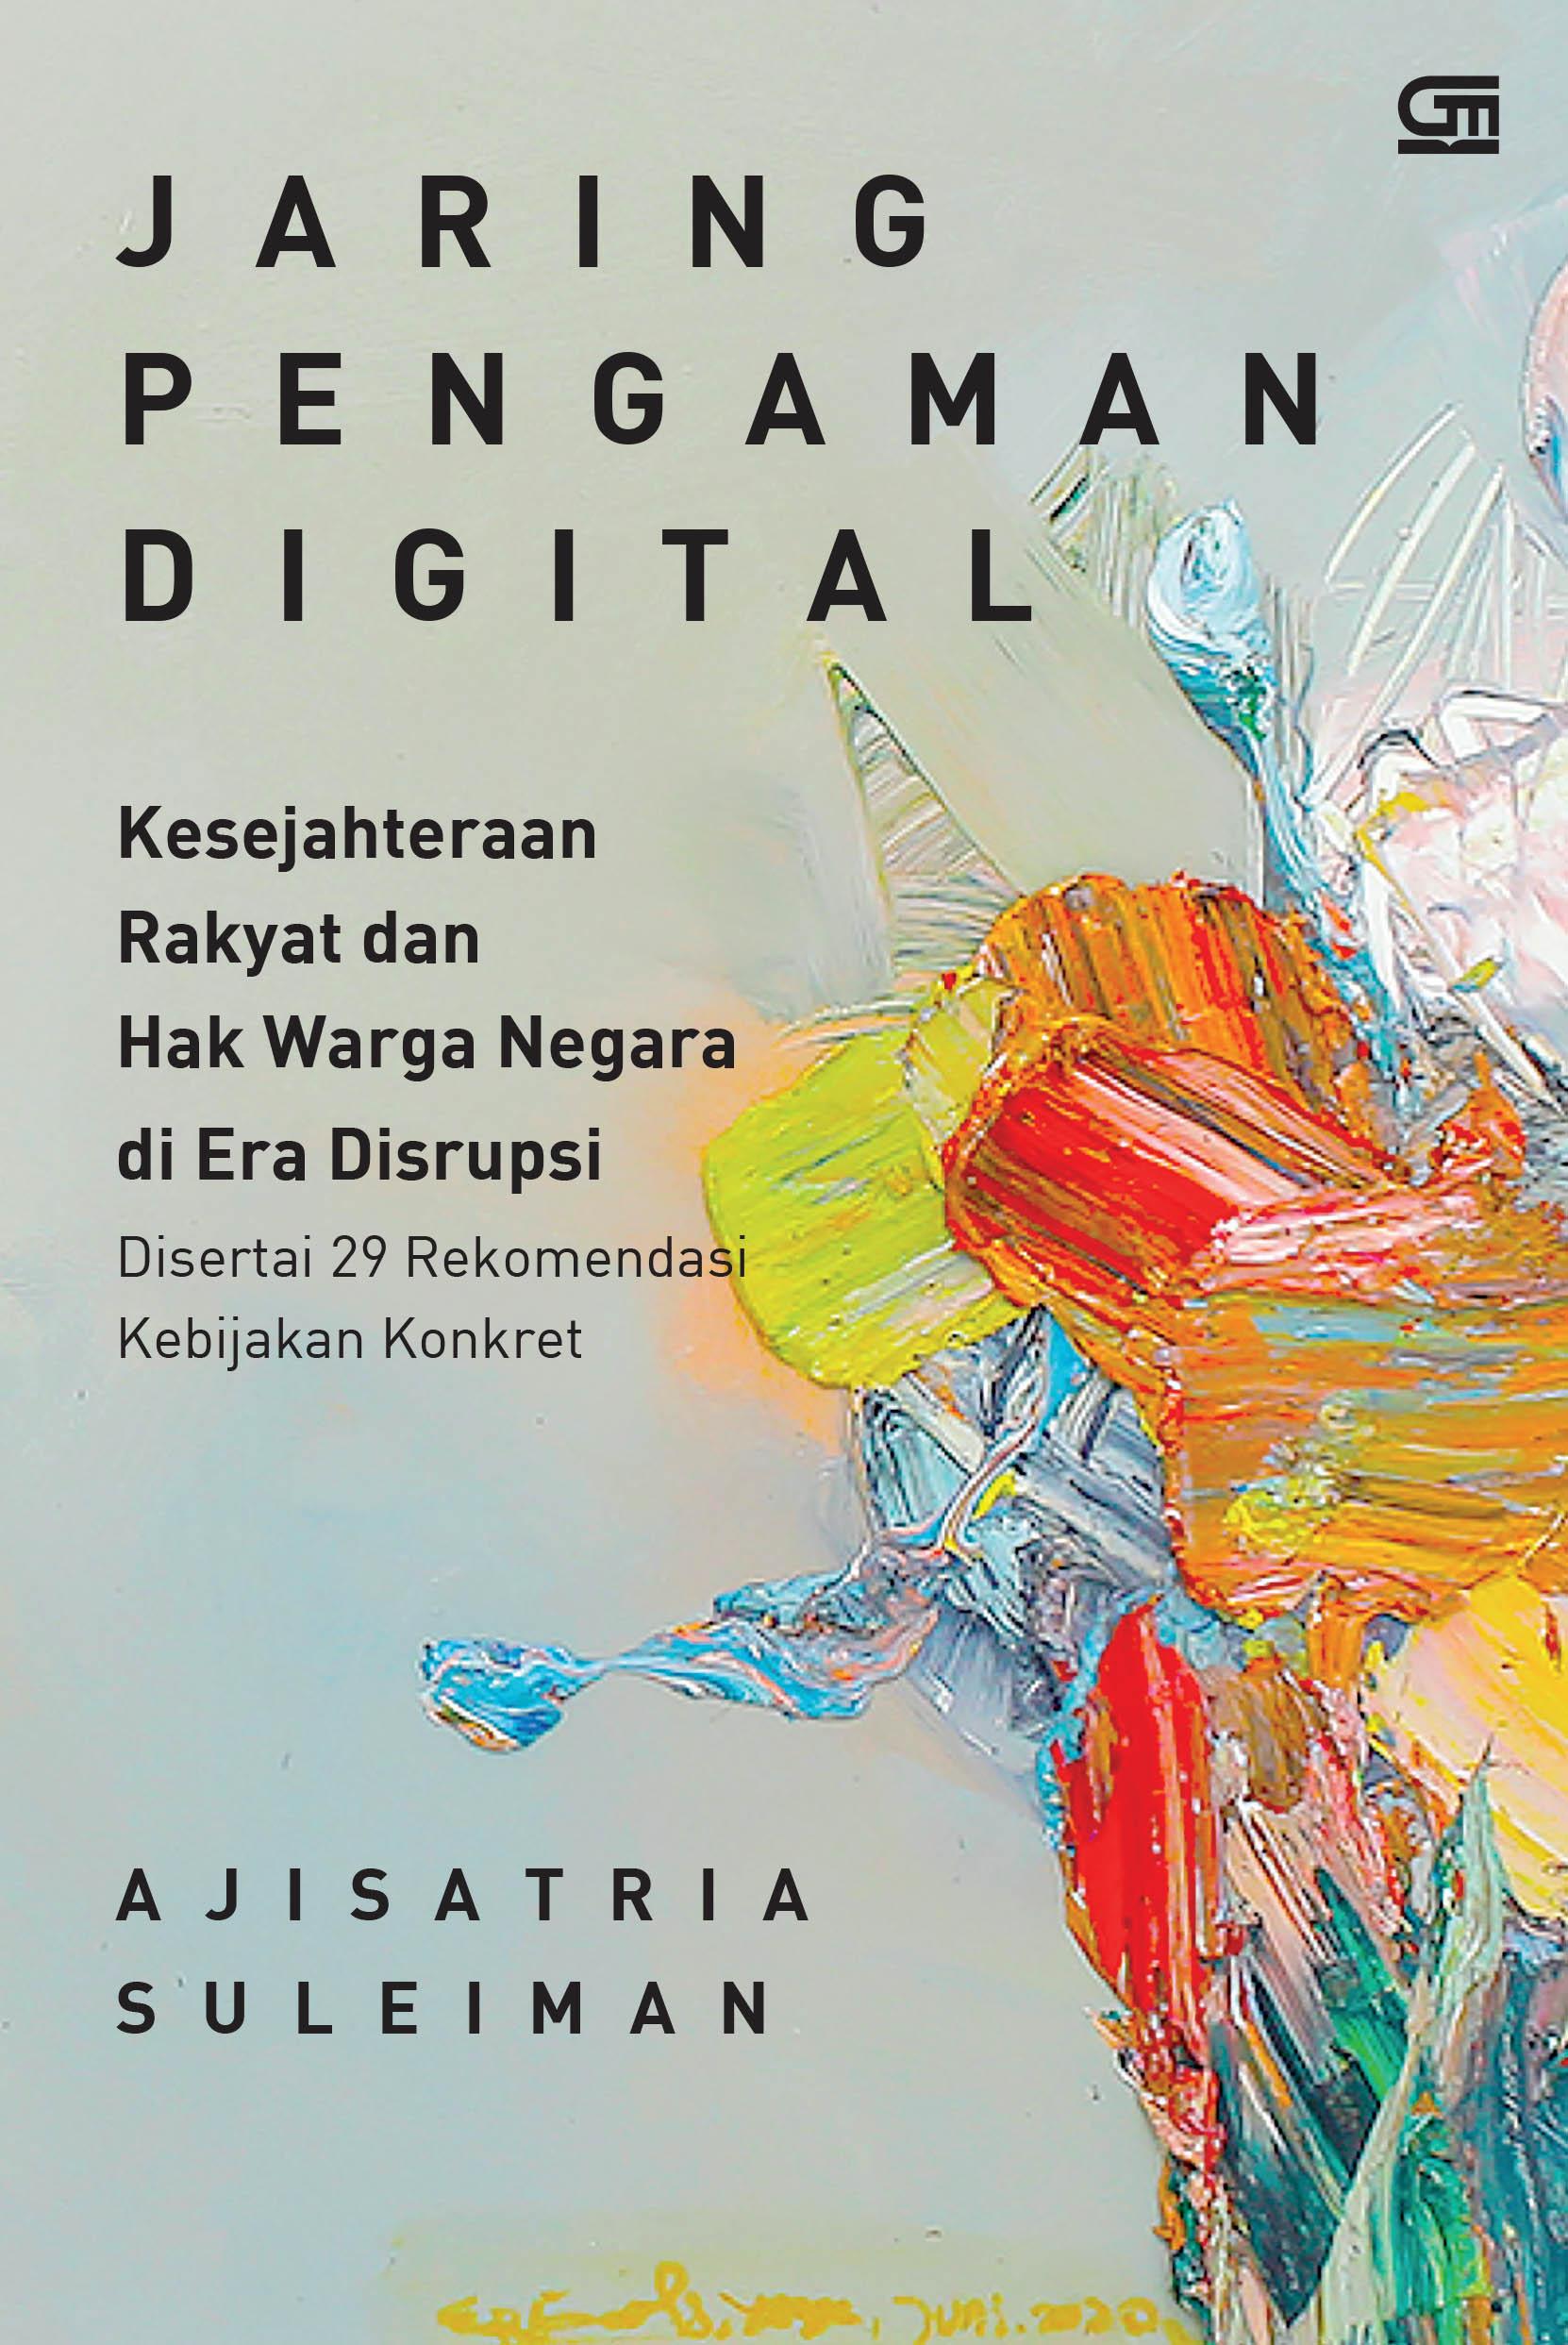 Jaring Pengaman Digital